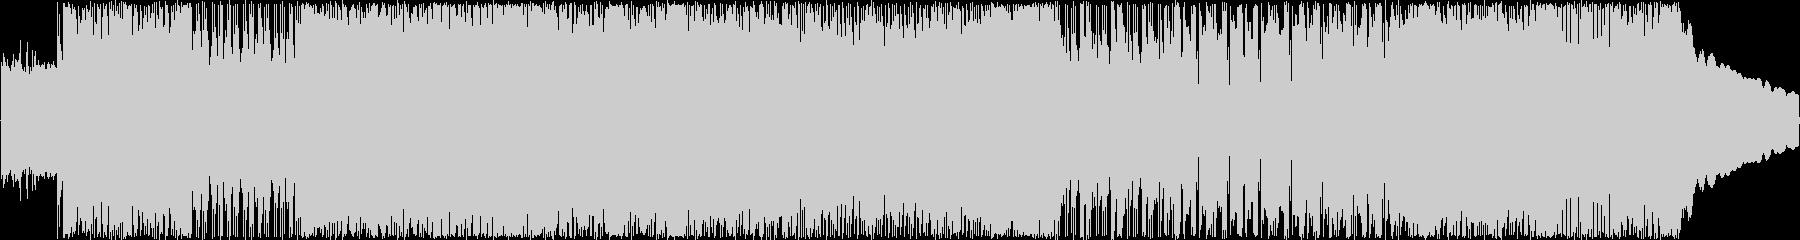 ポップでシンプルなパンク曲の未再生の波形